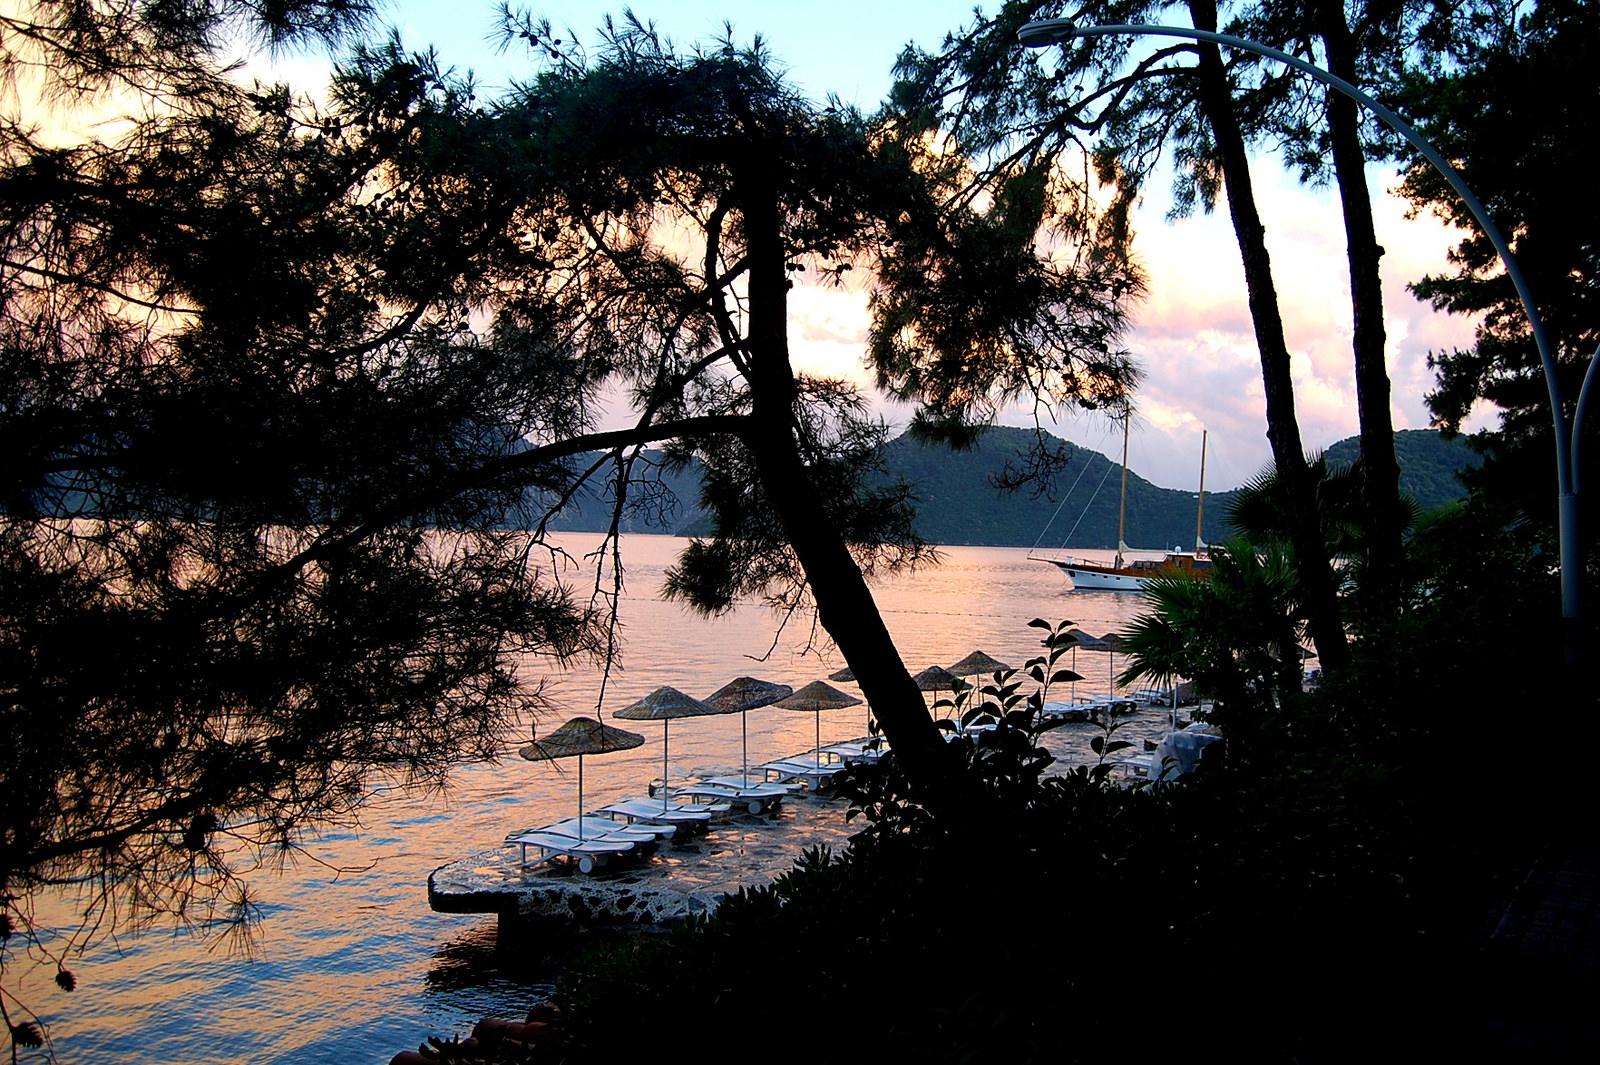 Wakacje w Turcji. Wybrzeże Morza Egejskiego